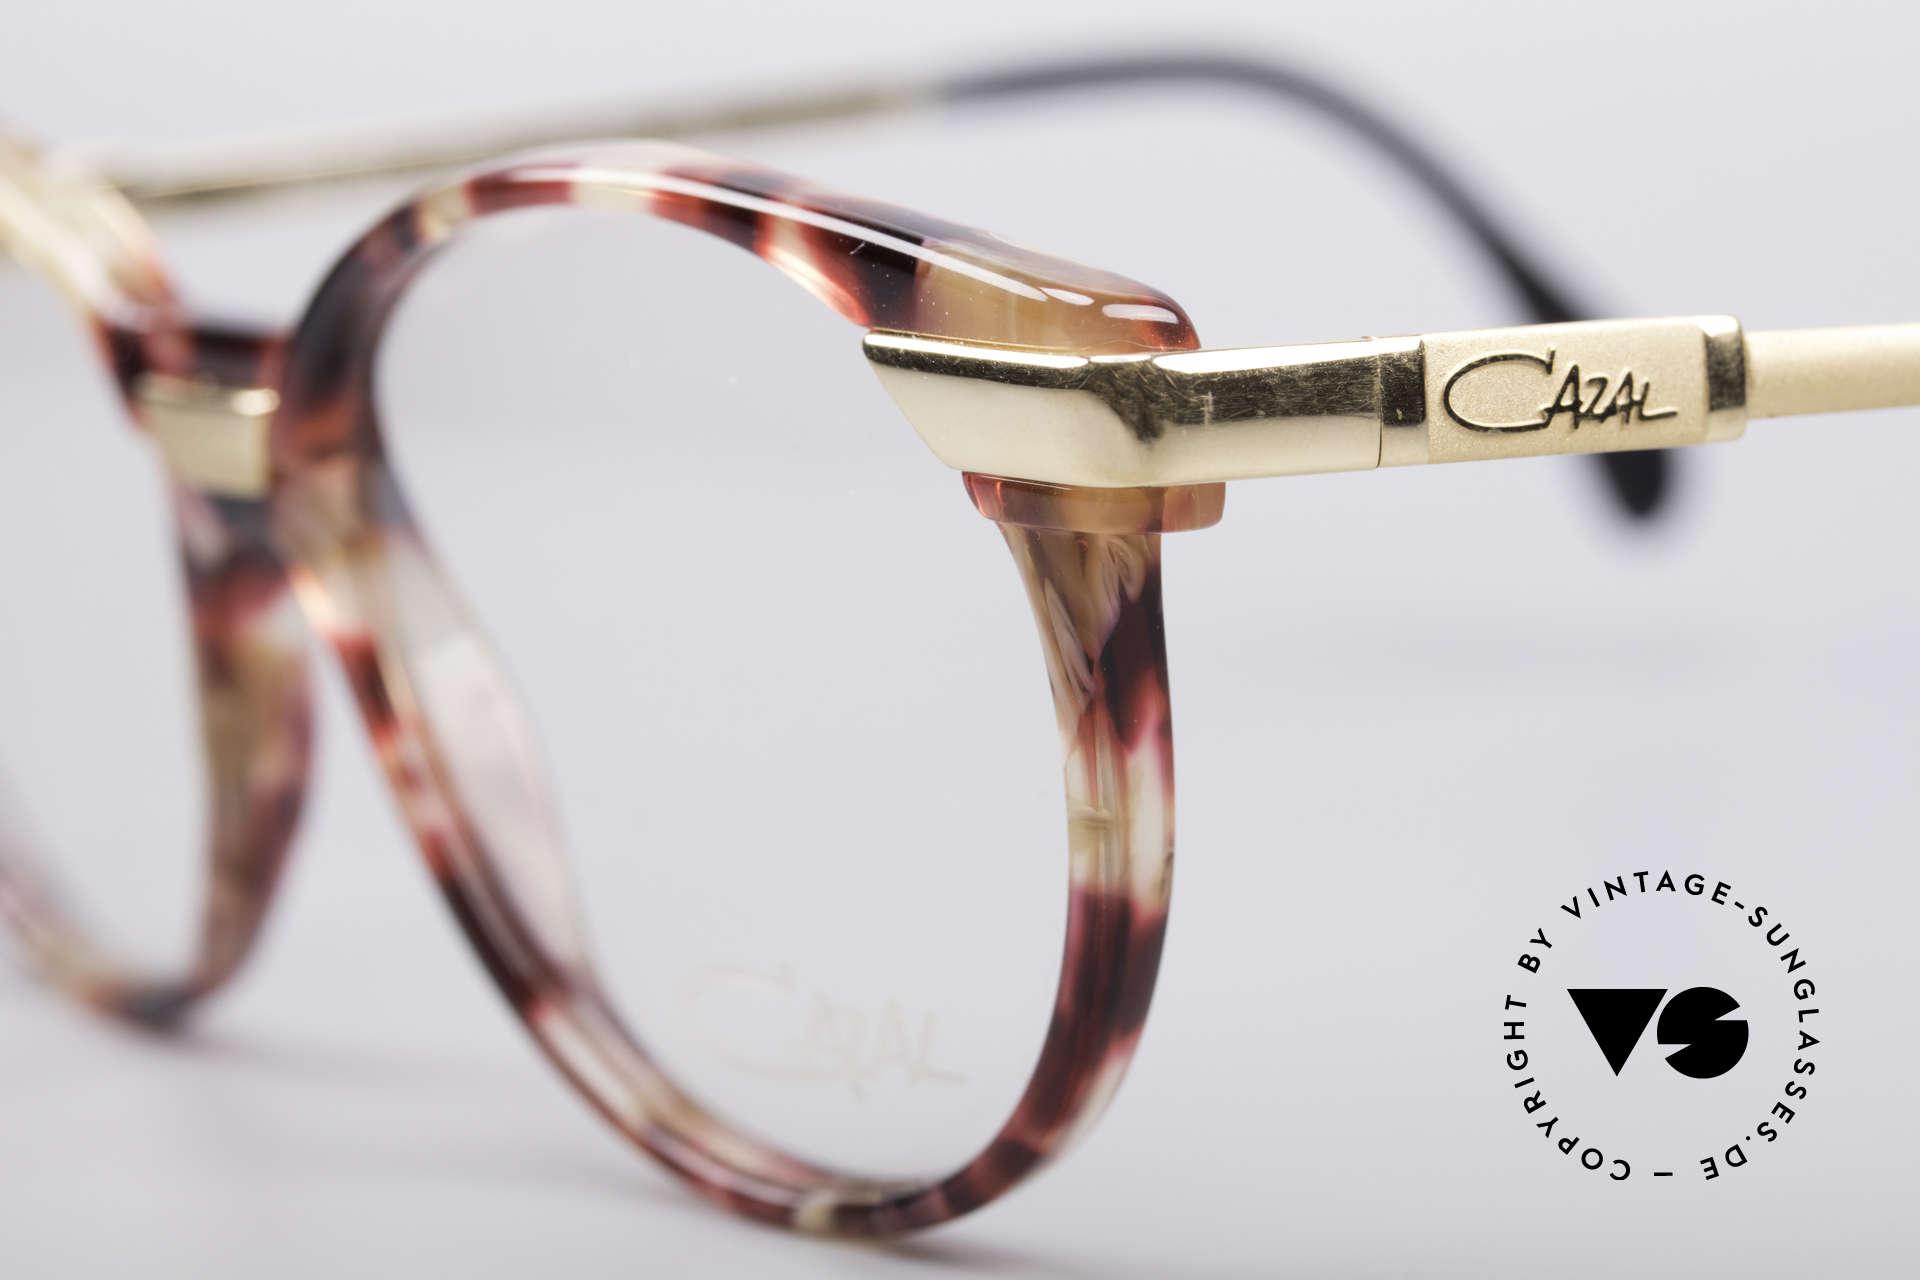 Cazal 338 Runde 90er Vintage Brille, ungetragen (wie alle unsere alten CAZAL ORIGINALE), Passend für Herren und Damen